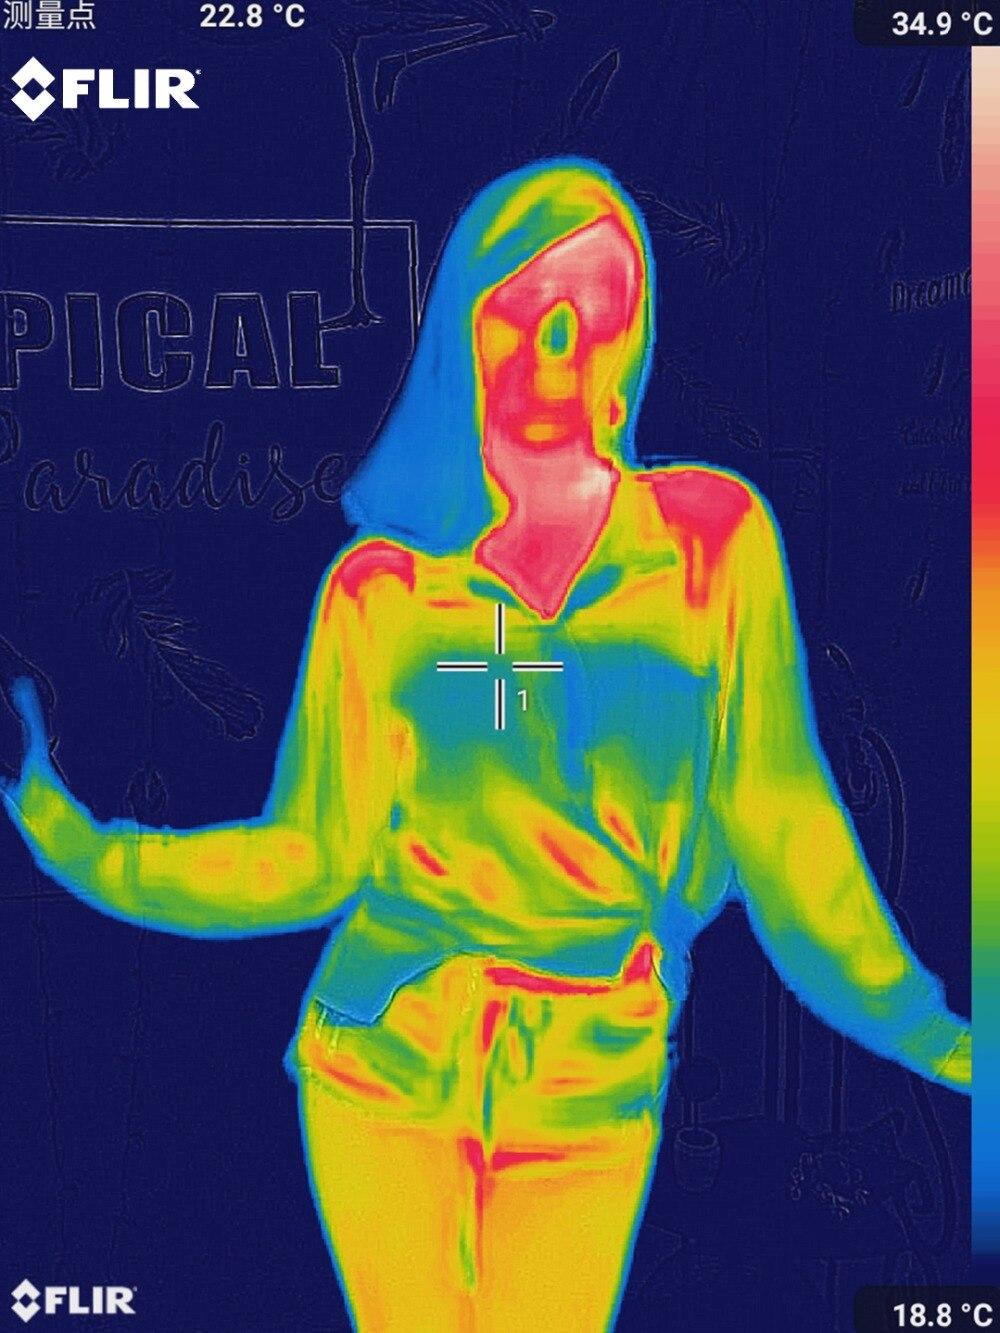 Cámara de imagen térmica cámara infrarroja cámara de visión nocturna FLIR ONE PRO uso para iphone ipad iOS o Android